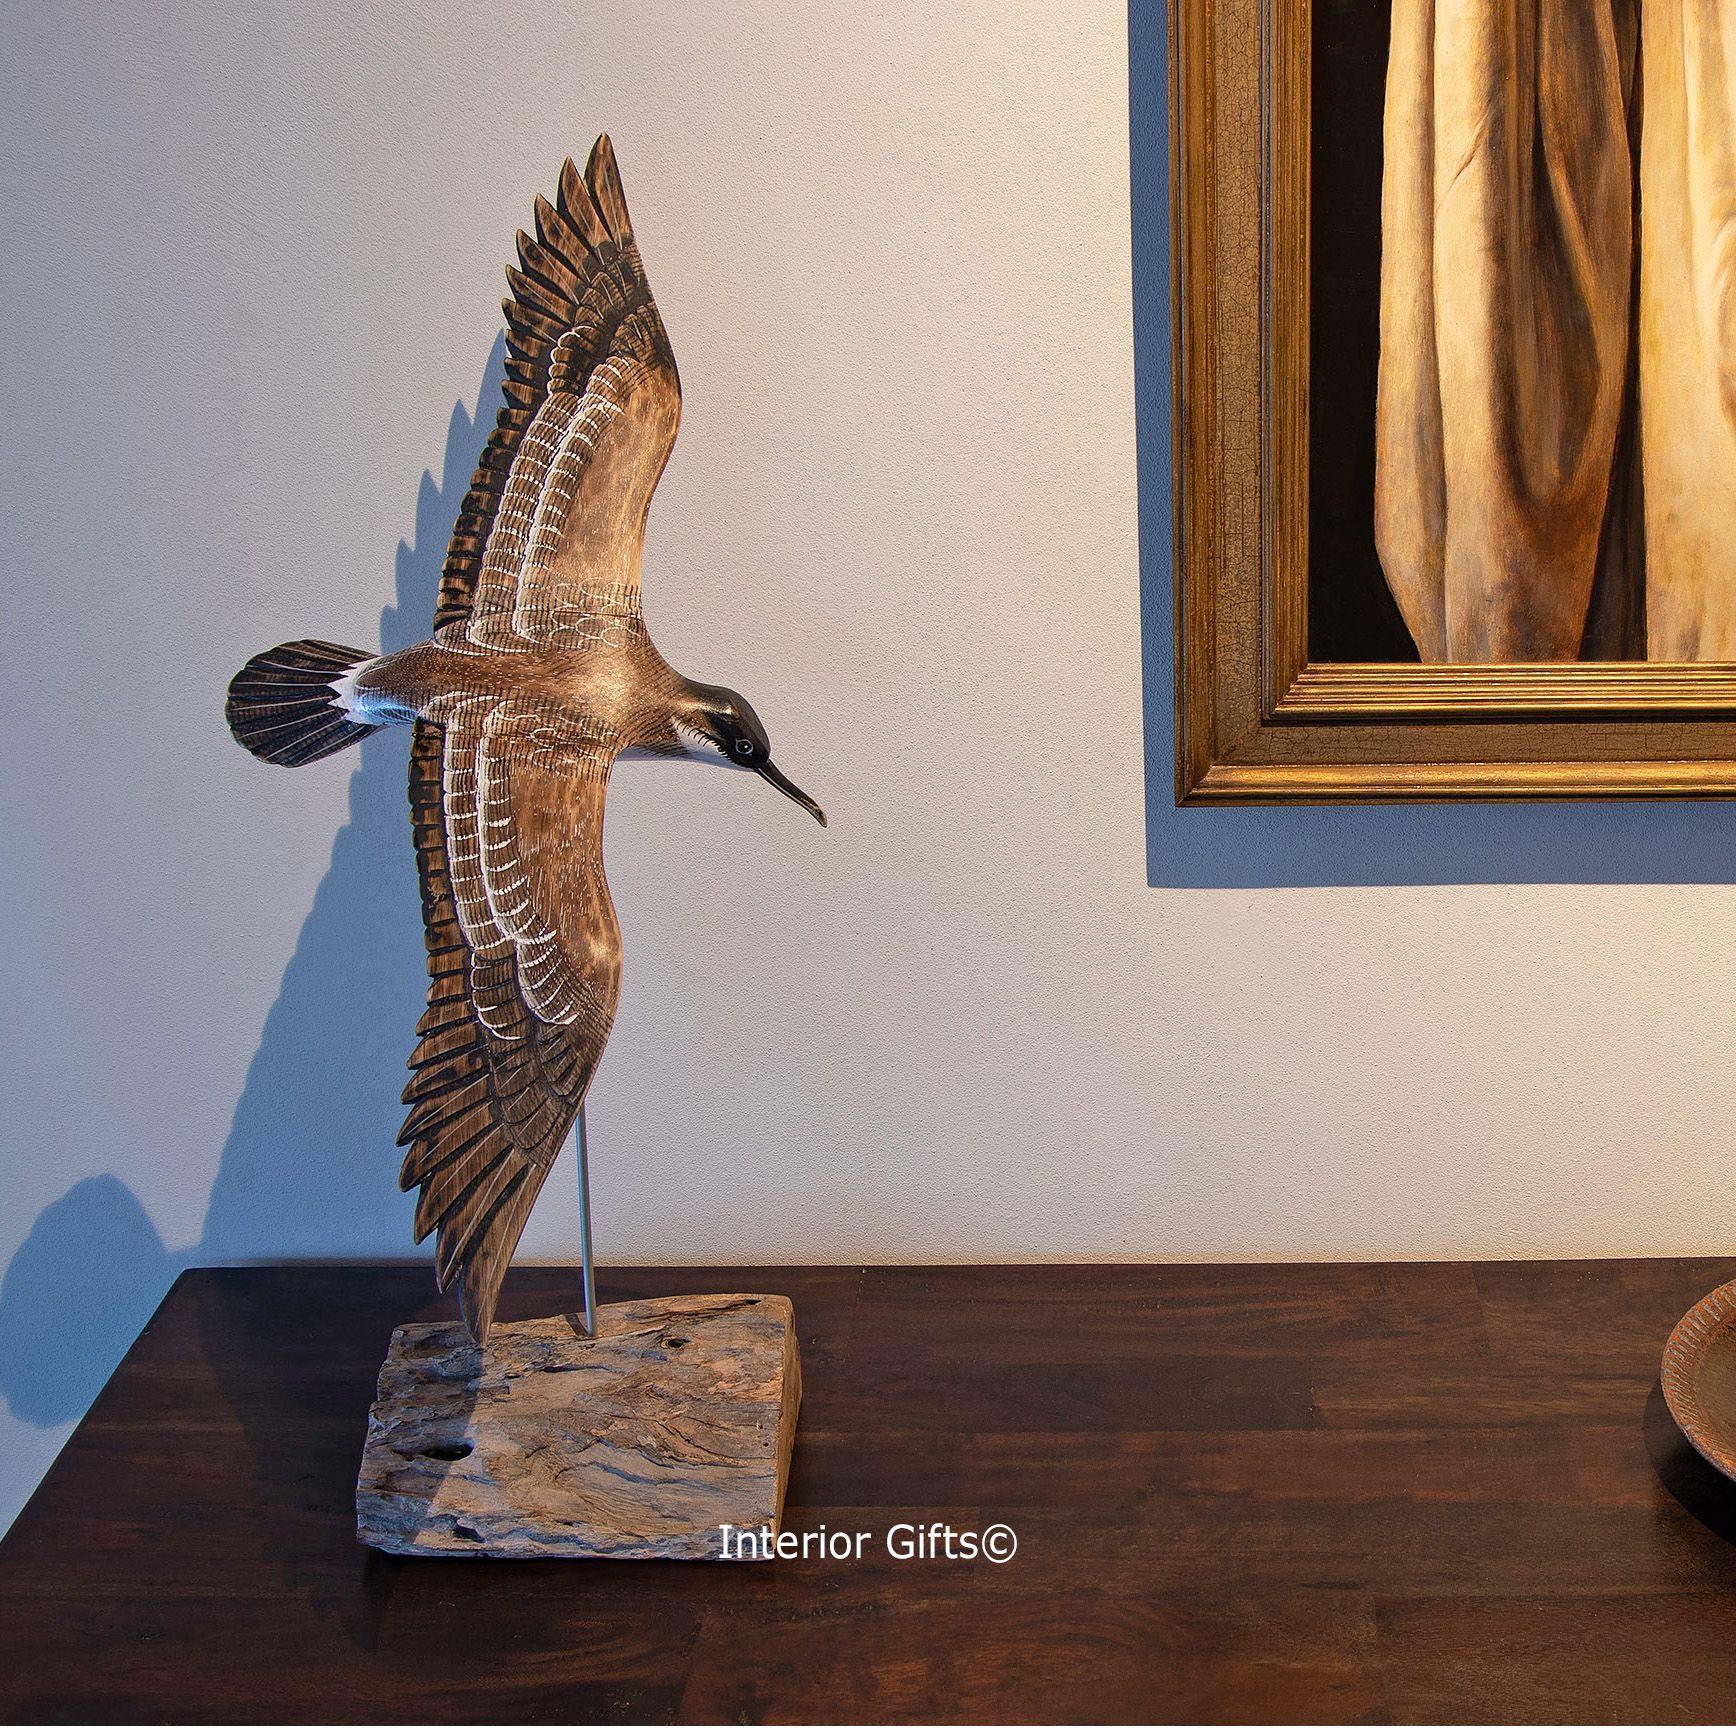 Archipelago Carved Wooden Bird